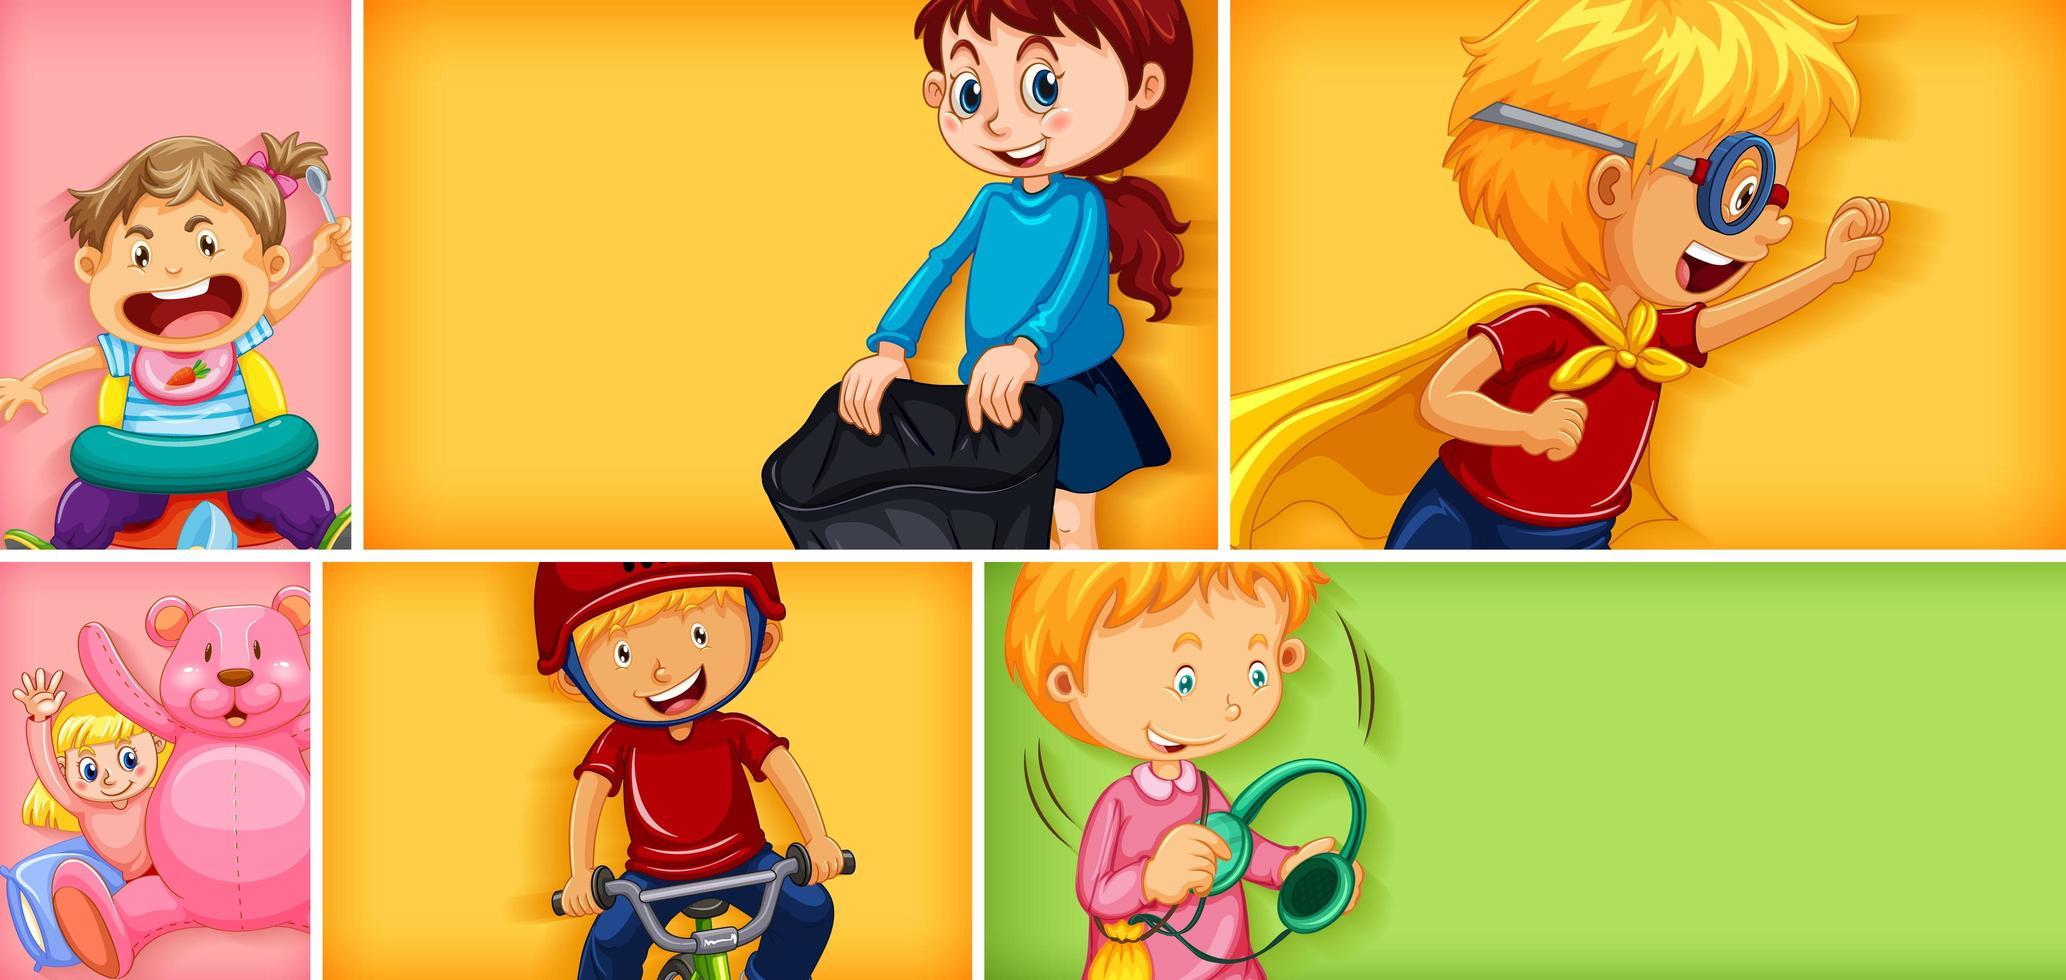 différents personnages enfants sur fond de couleur différente vecteur